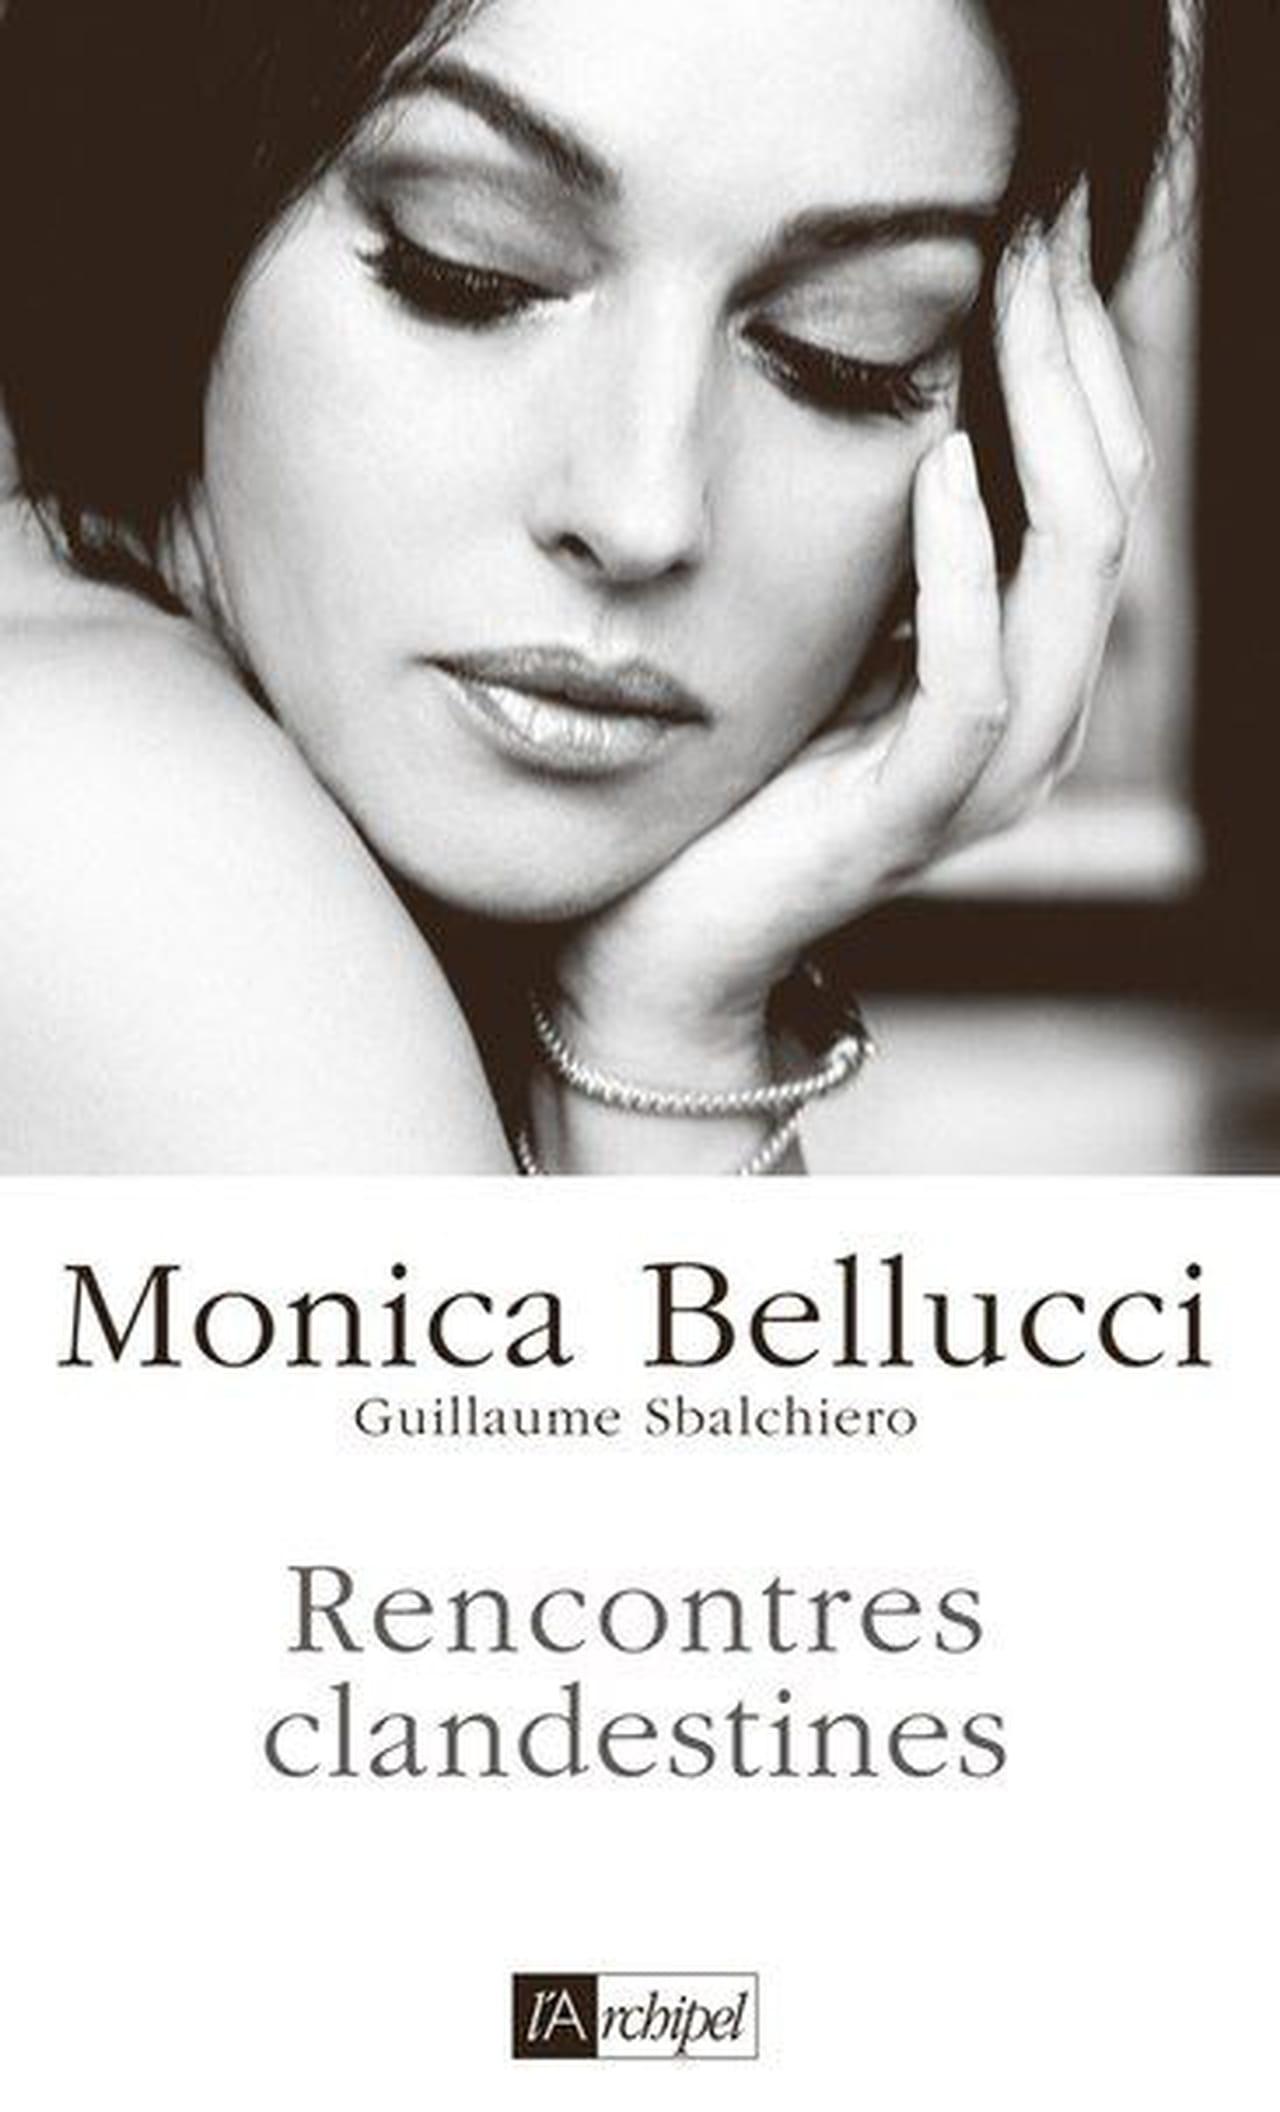 vincent cassel rencontre monica bellucci